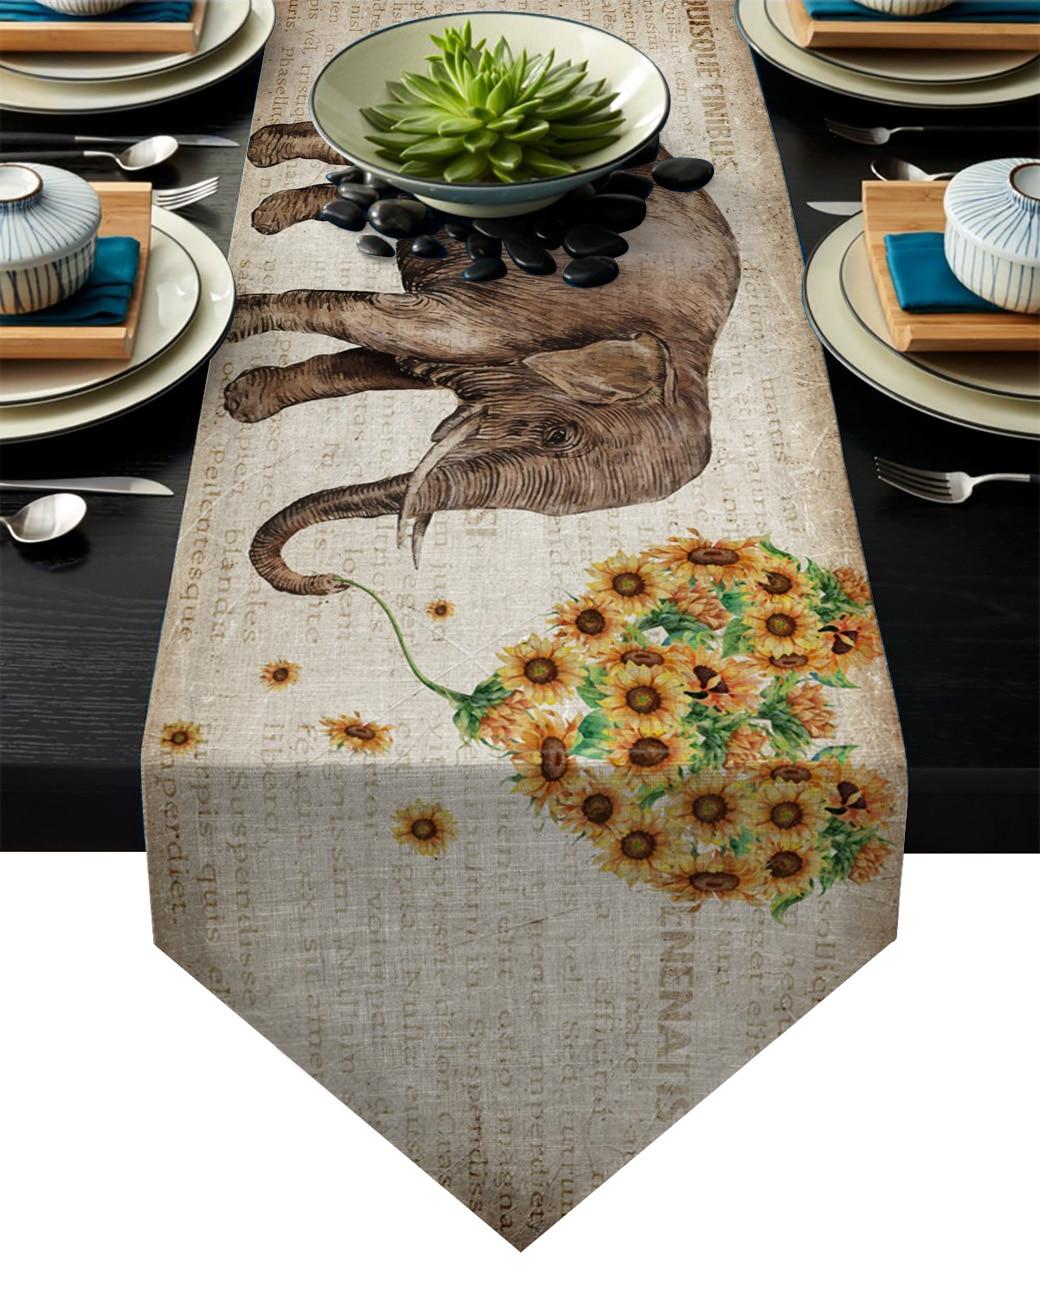 ventanal oficina dise/ño de dormitorio decoraci/ón de boda Camino de mesa flor del sol Placemat Antideslizante se puede para sof/á